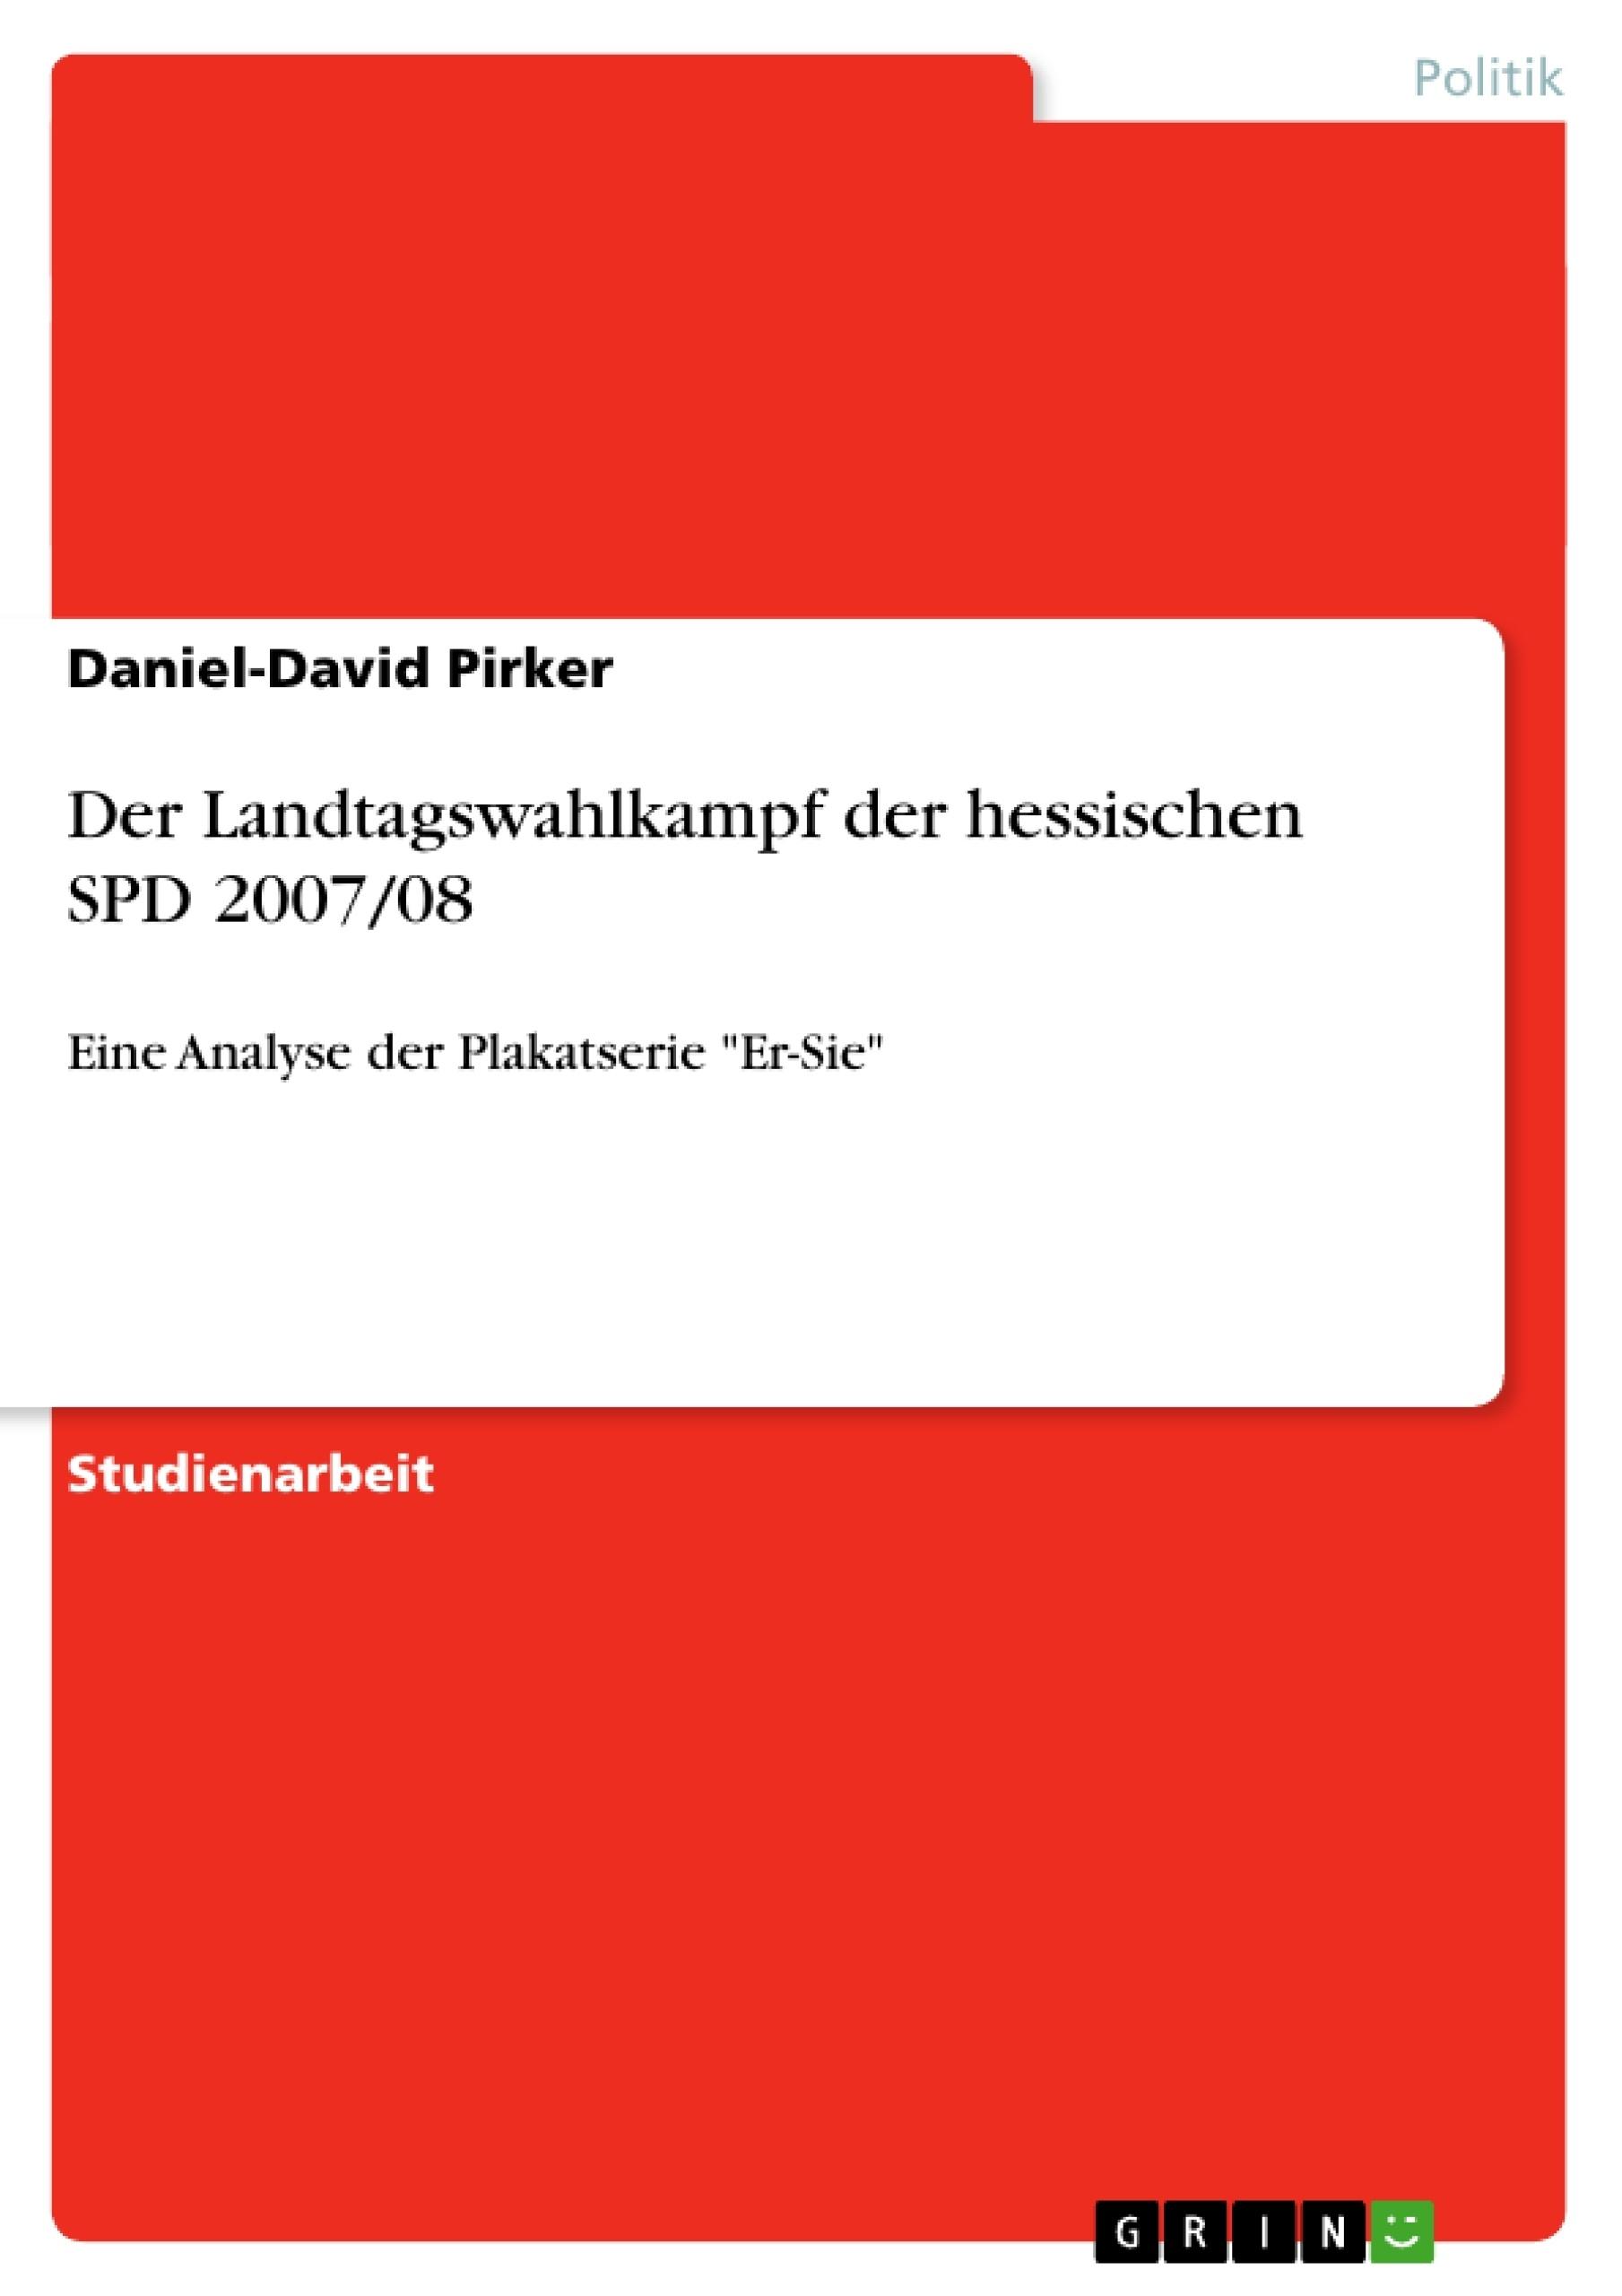 Titel: Der Landtagswahlkampf der hessischen SPD 2007/08